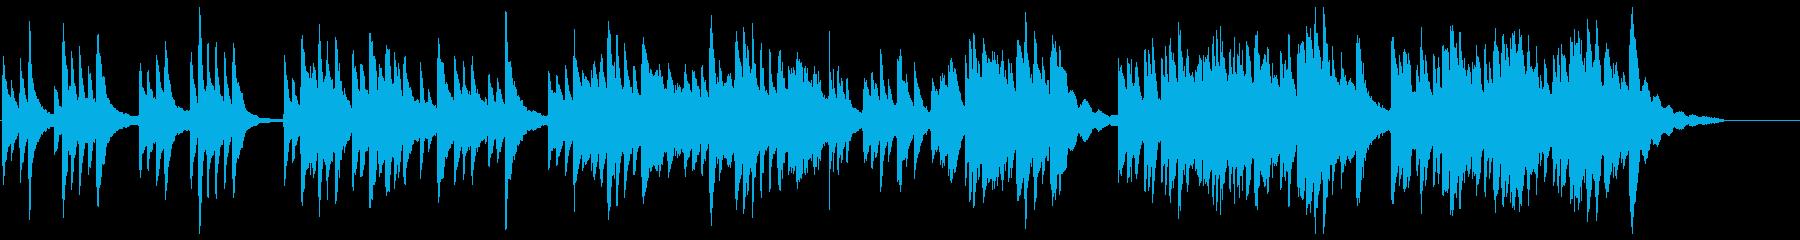 ゆったりとした、琴の和風曲の再生済みの波形